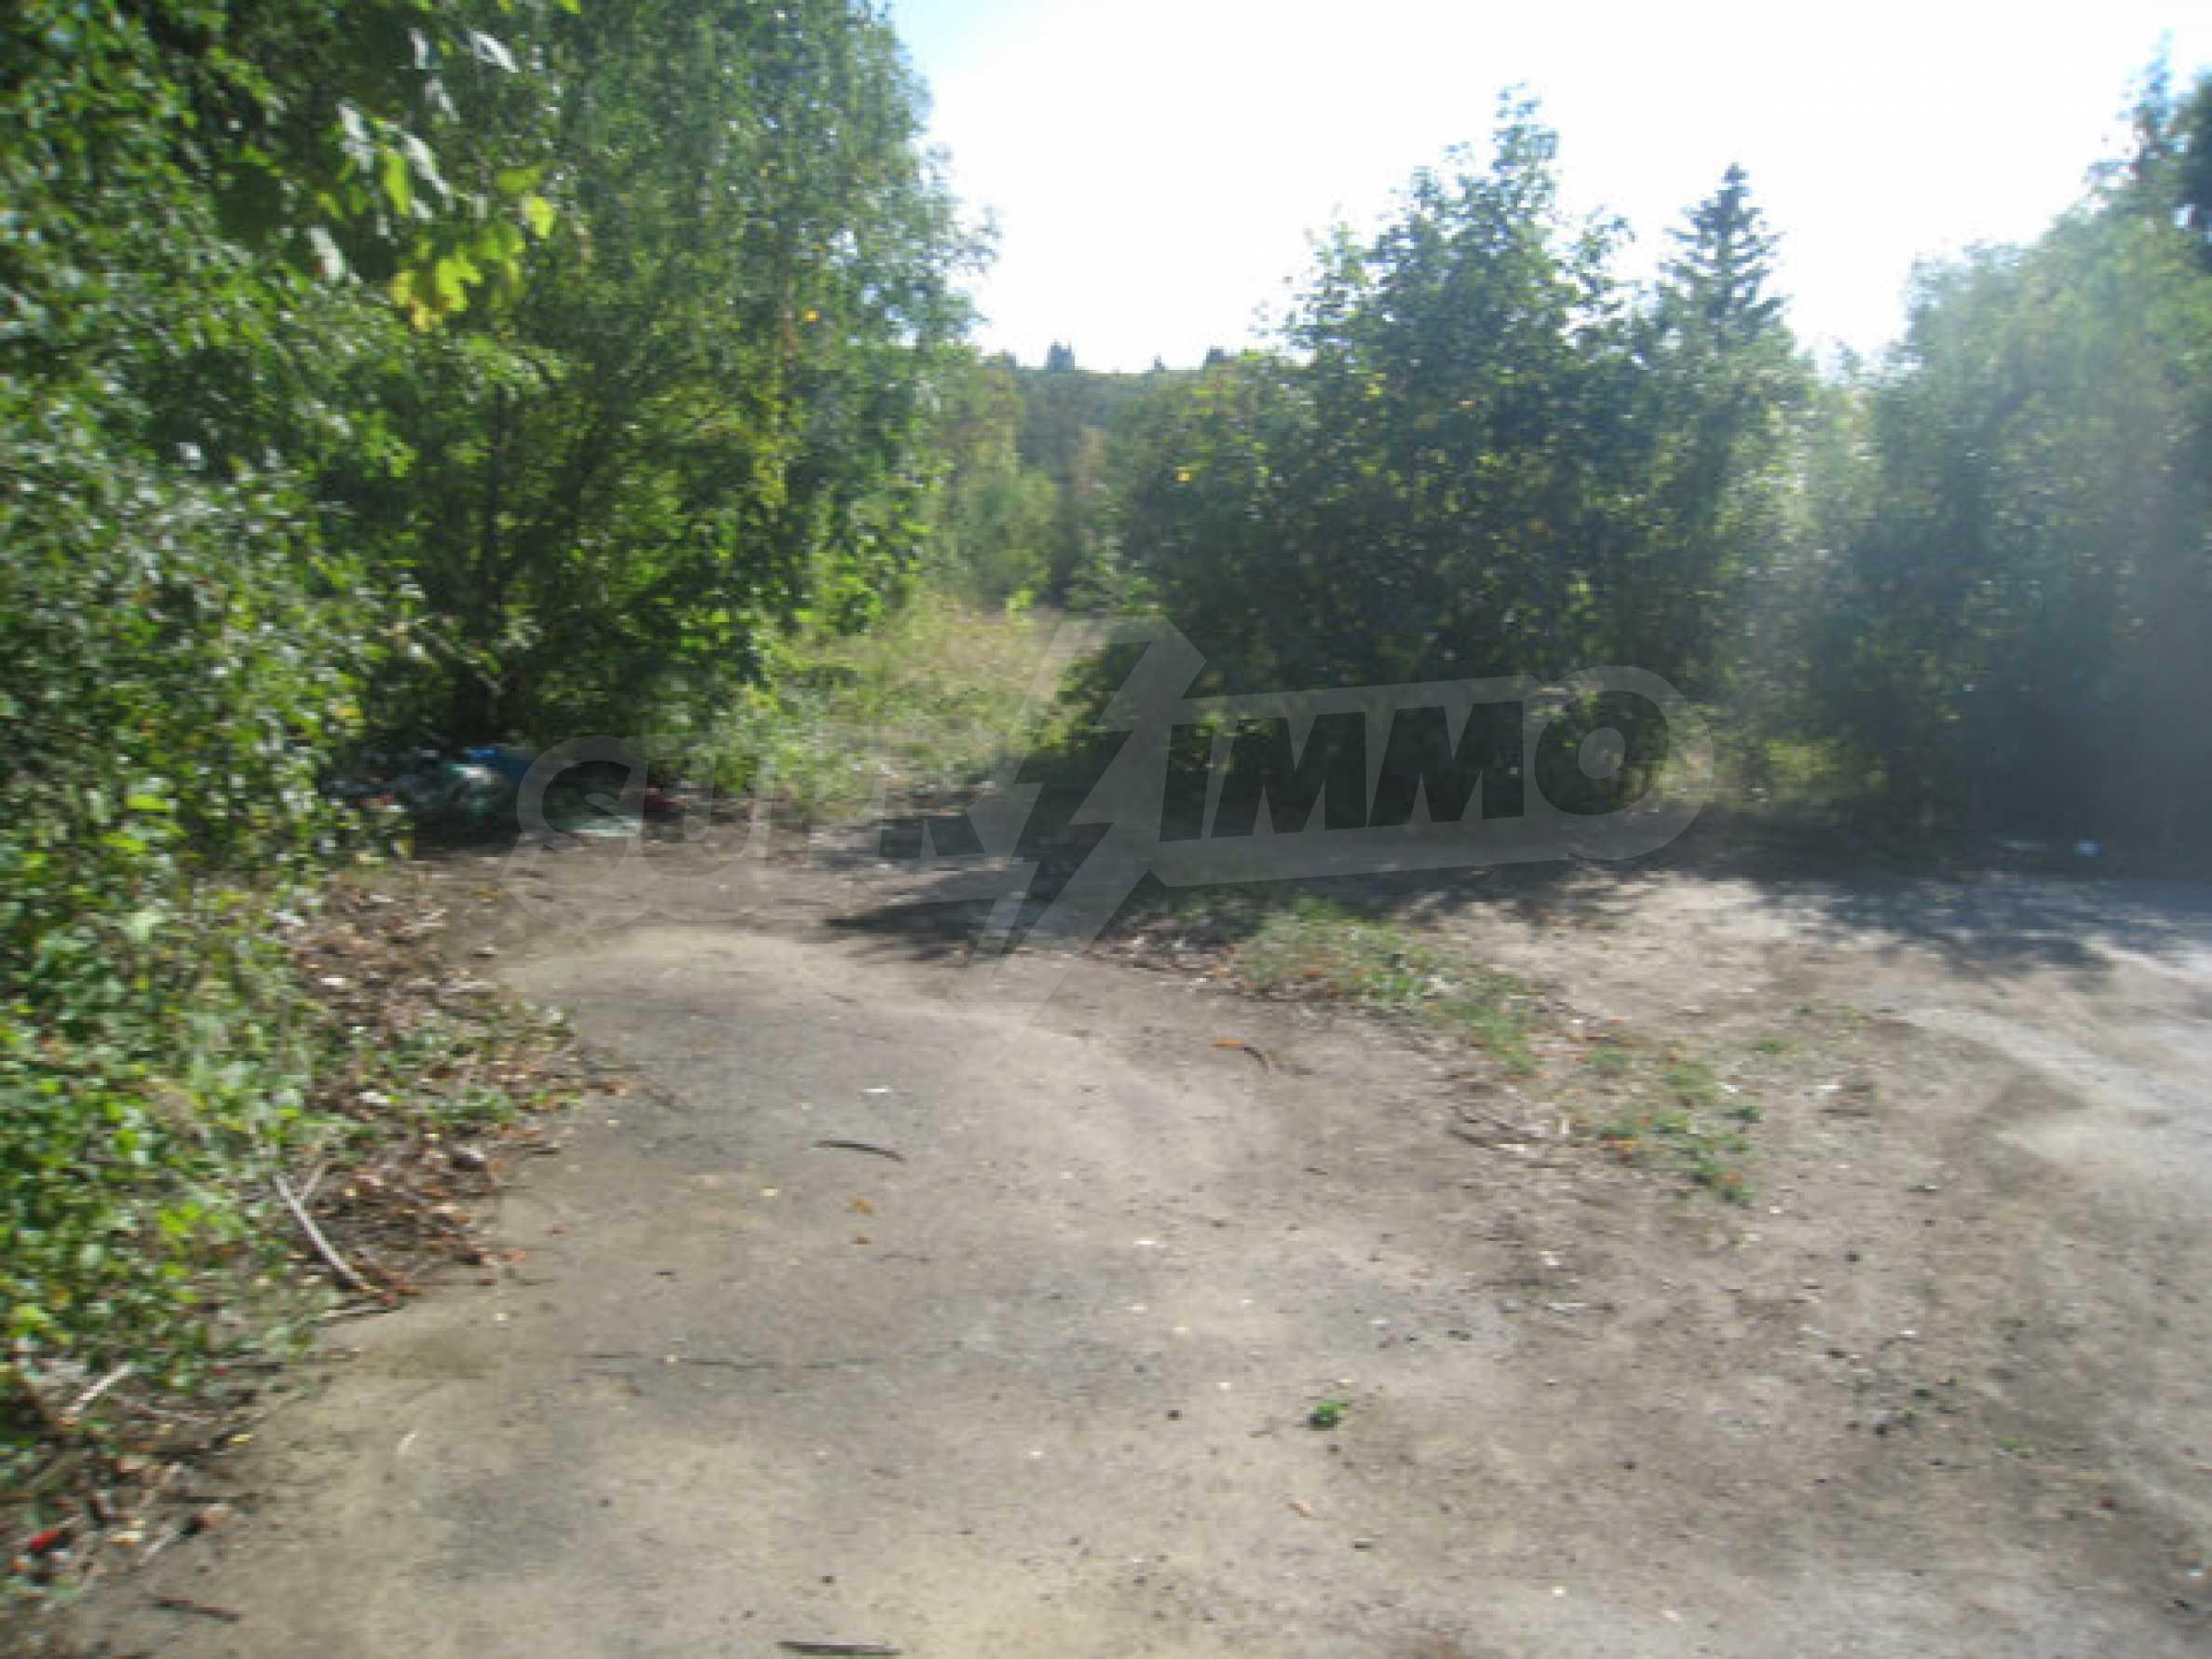 Großes reguliertes Grundstück für den Bau eines Privatgrundstücks in der Nähe von Sofia 1